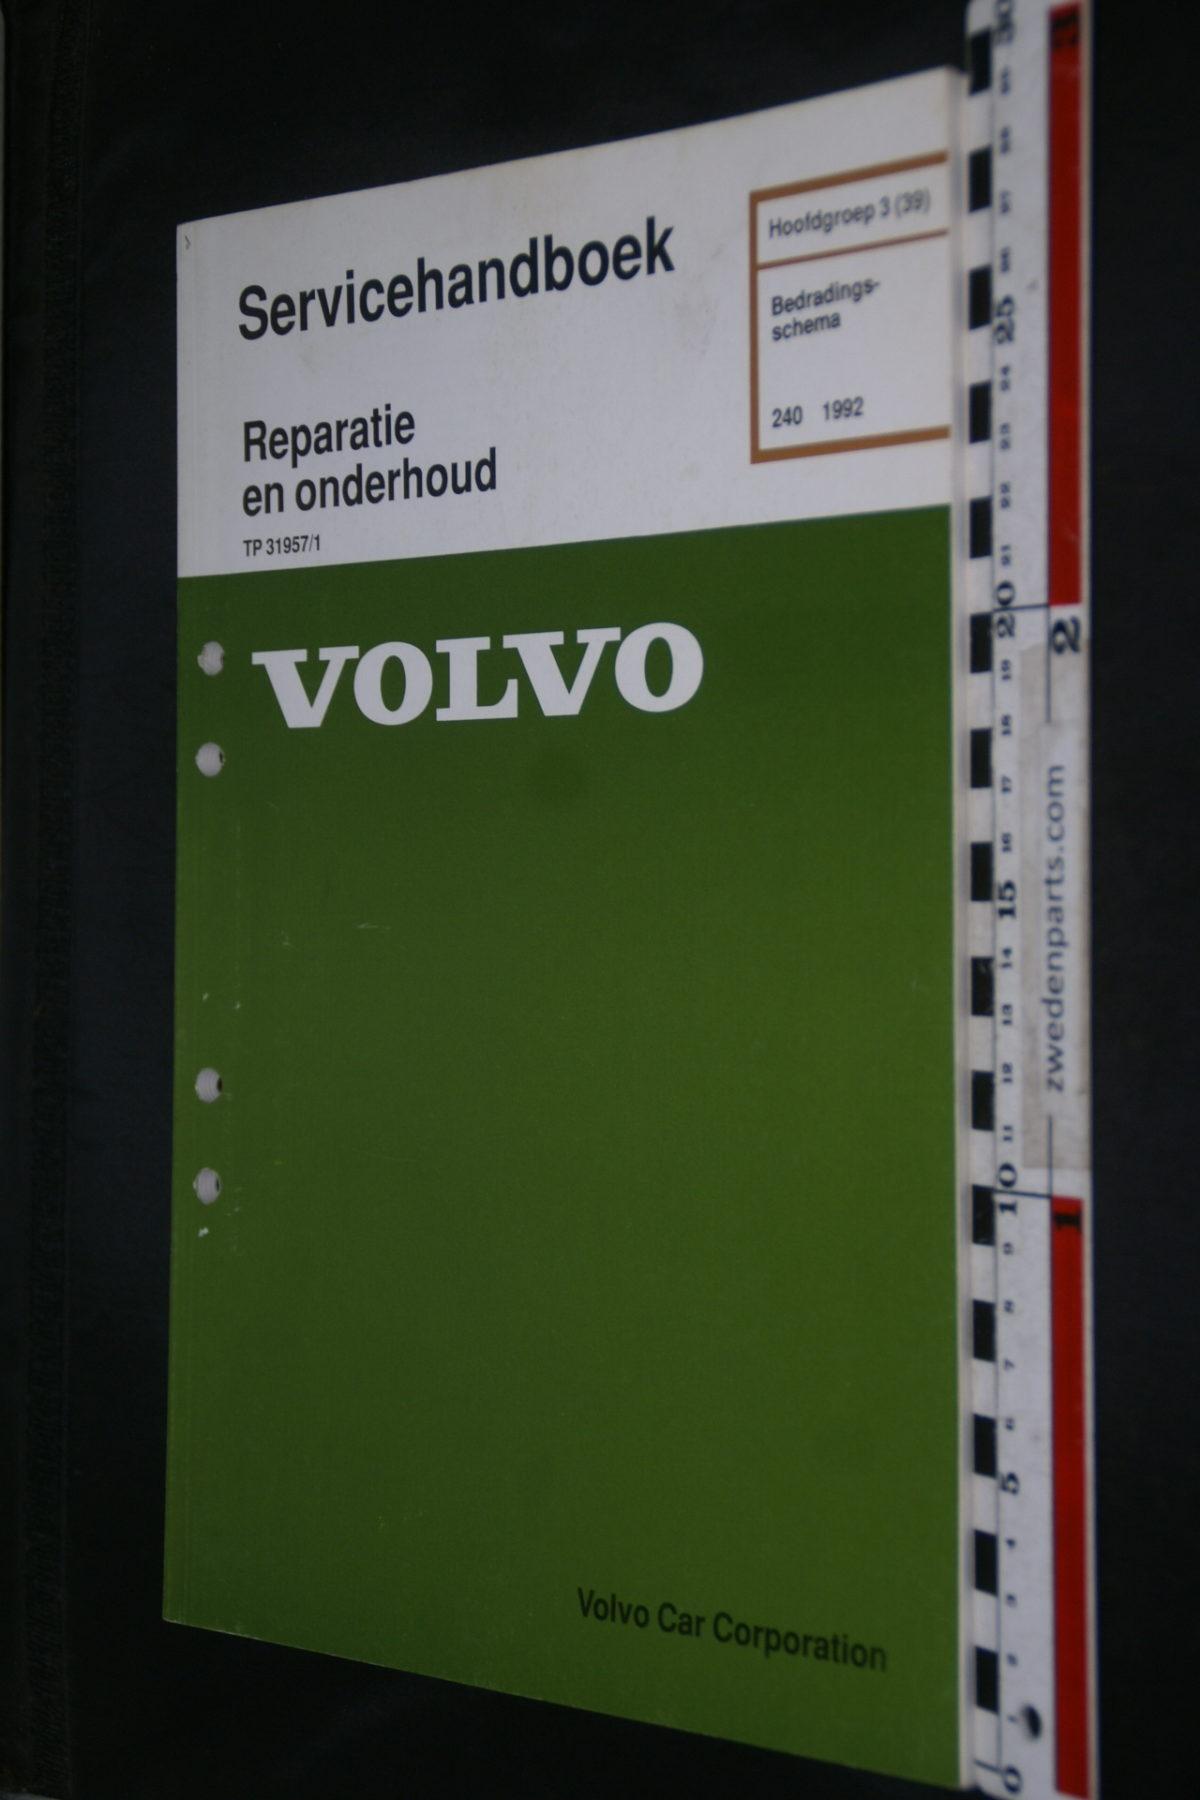 DSC08457 1991 origineel Volvo 240 servicehandboek  3 (39) bedradingsschema 1 van 800 TP 31957-1